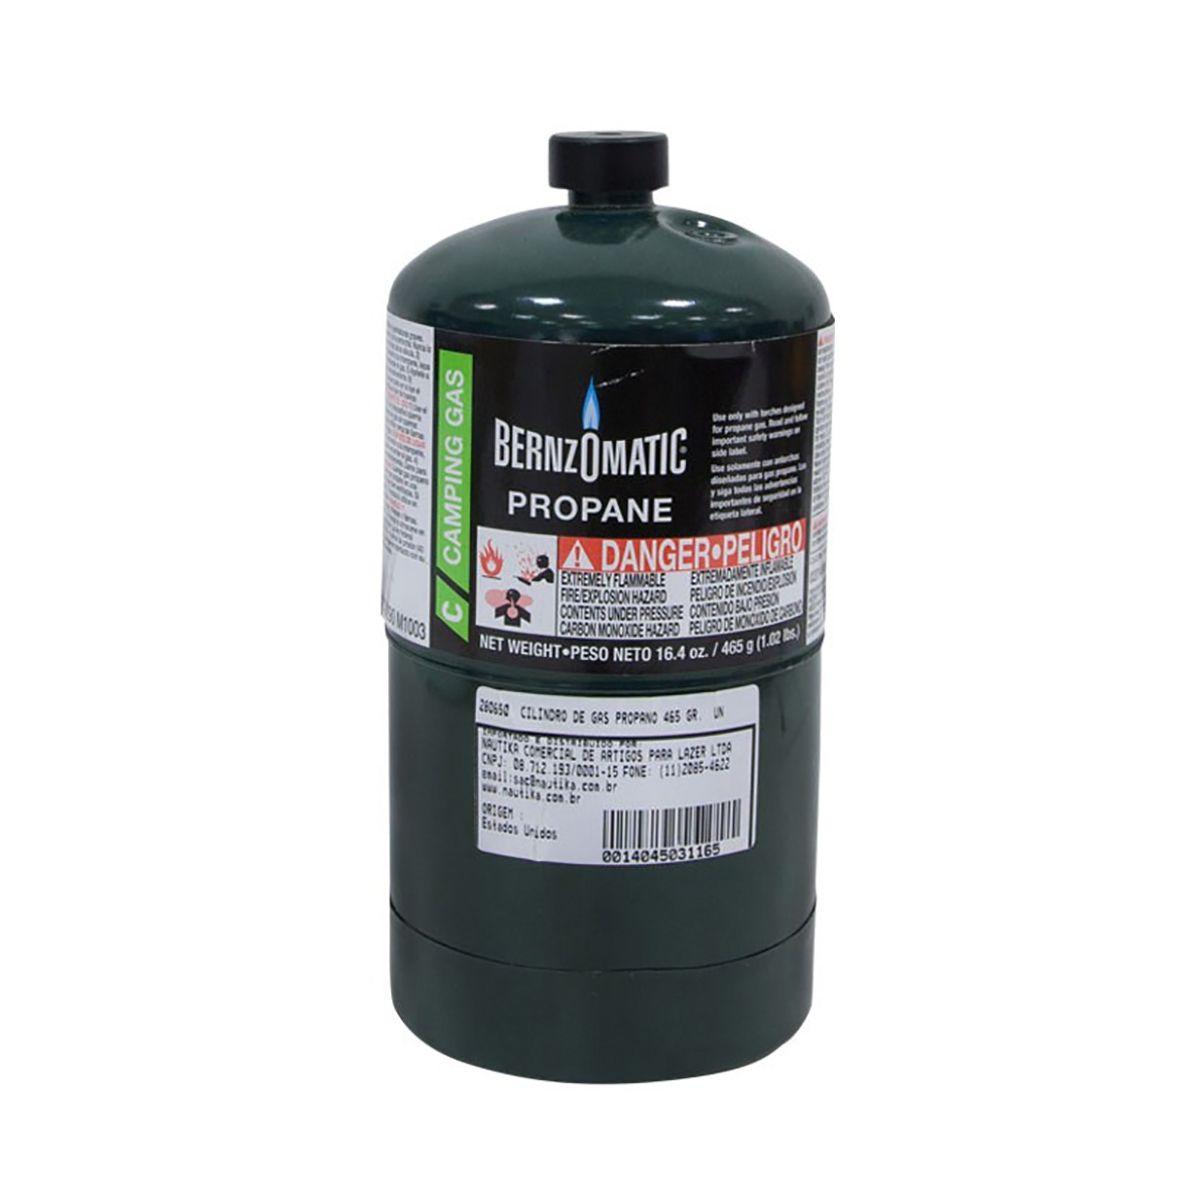 Cilindro De Gás Propano Bernzomatic Propane Fuel465g